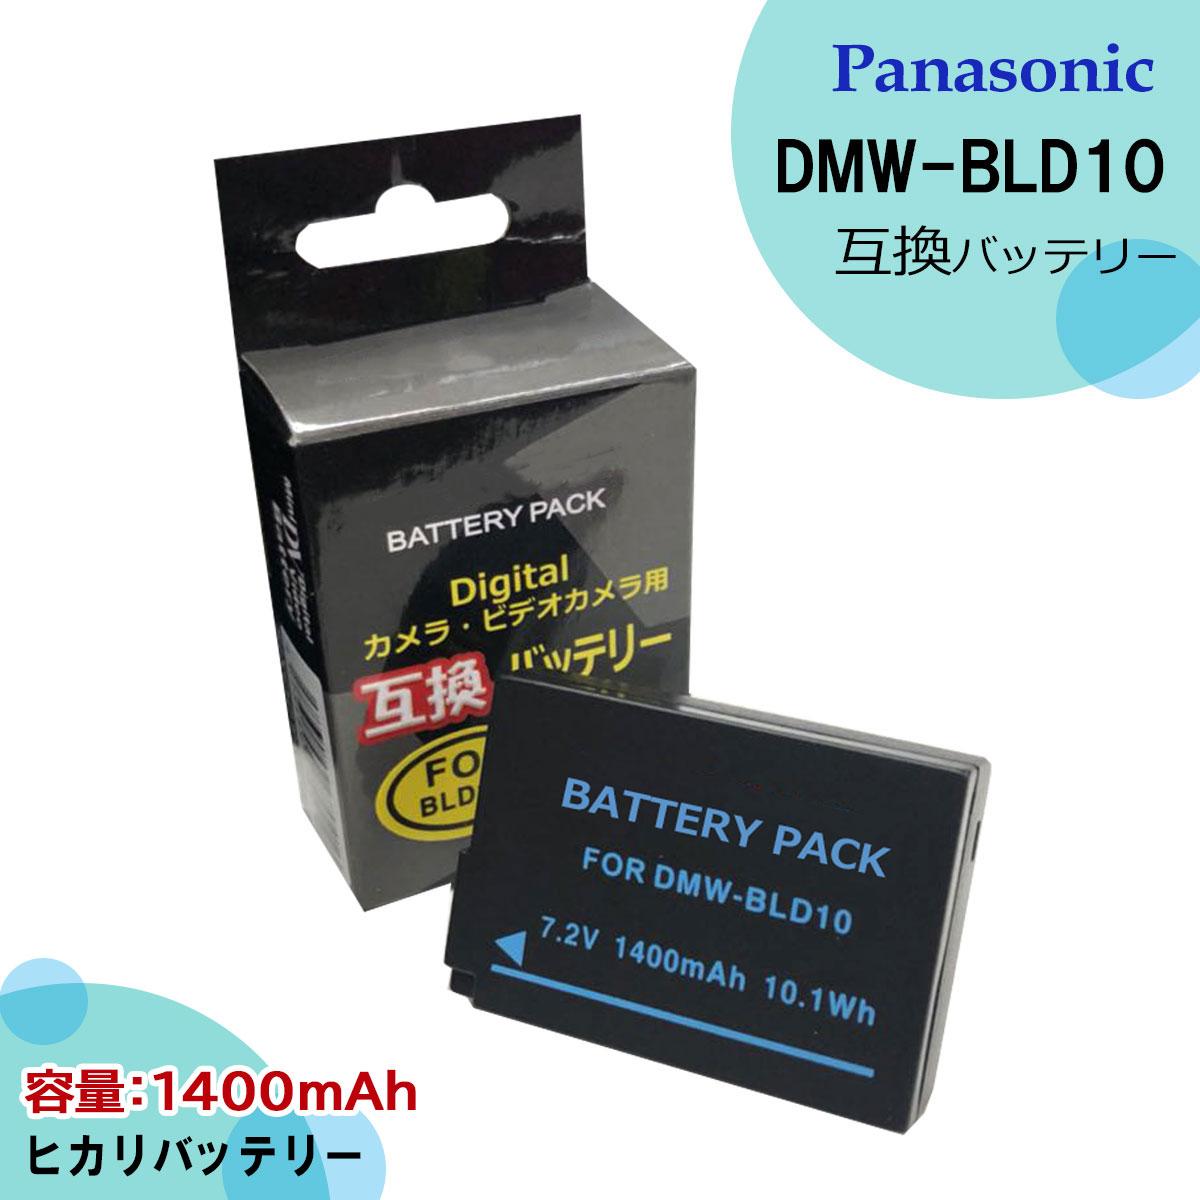 互換バッテリー 6ヶ月保証 残量表示可能純正充電器で充電可能 DMW-BLD10 Panasonic あす楽対応 ルミックス対応 大容量1400mah 激安特価品 互換交換電池 1点 DMC-G3W-K DMC-GF2-K DMC-G3K DMC-GF2C-W DMC-GF2C-K DMC-G3W-W DMC-GF2C-R DMC-GF2W DMC-GF2C DMC-G3K-K デジタル一眼カメラ マート DMC-GF2